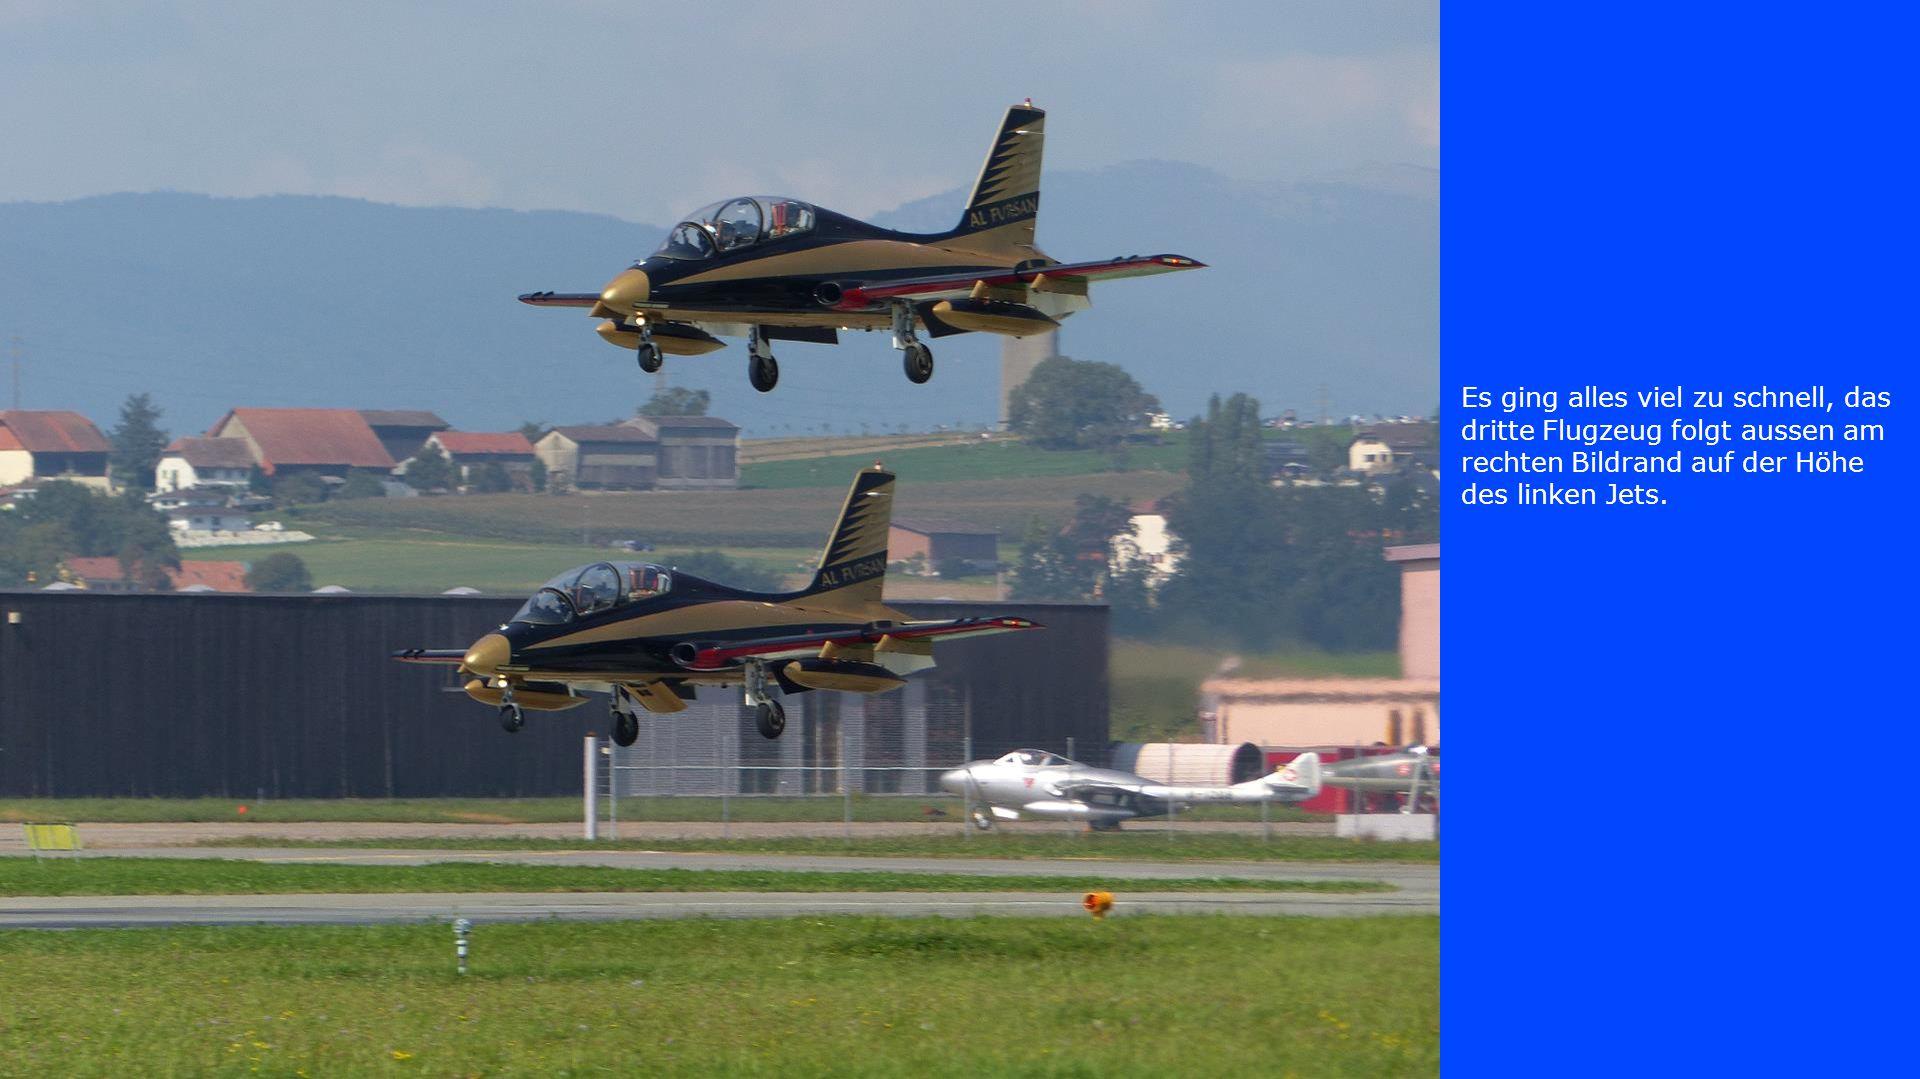 Es ging alles viel zu schnell, das dritte Flugzeug folgt aussen am rechten Bildrand auf der Höhe des linken Jets.